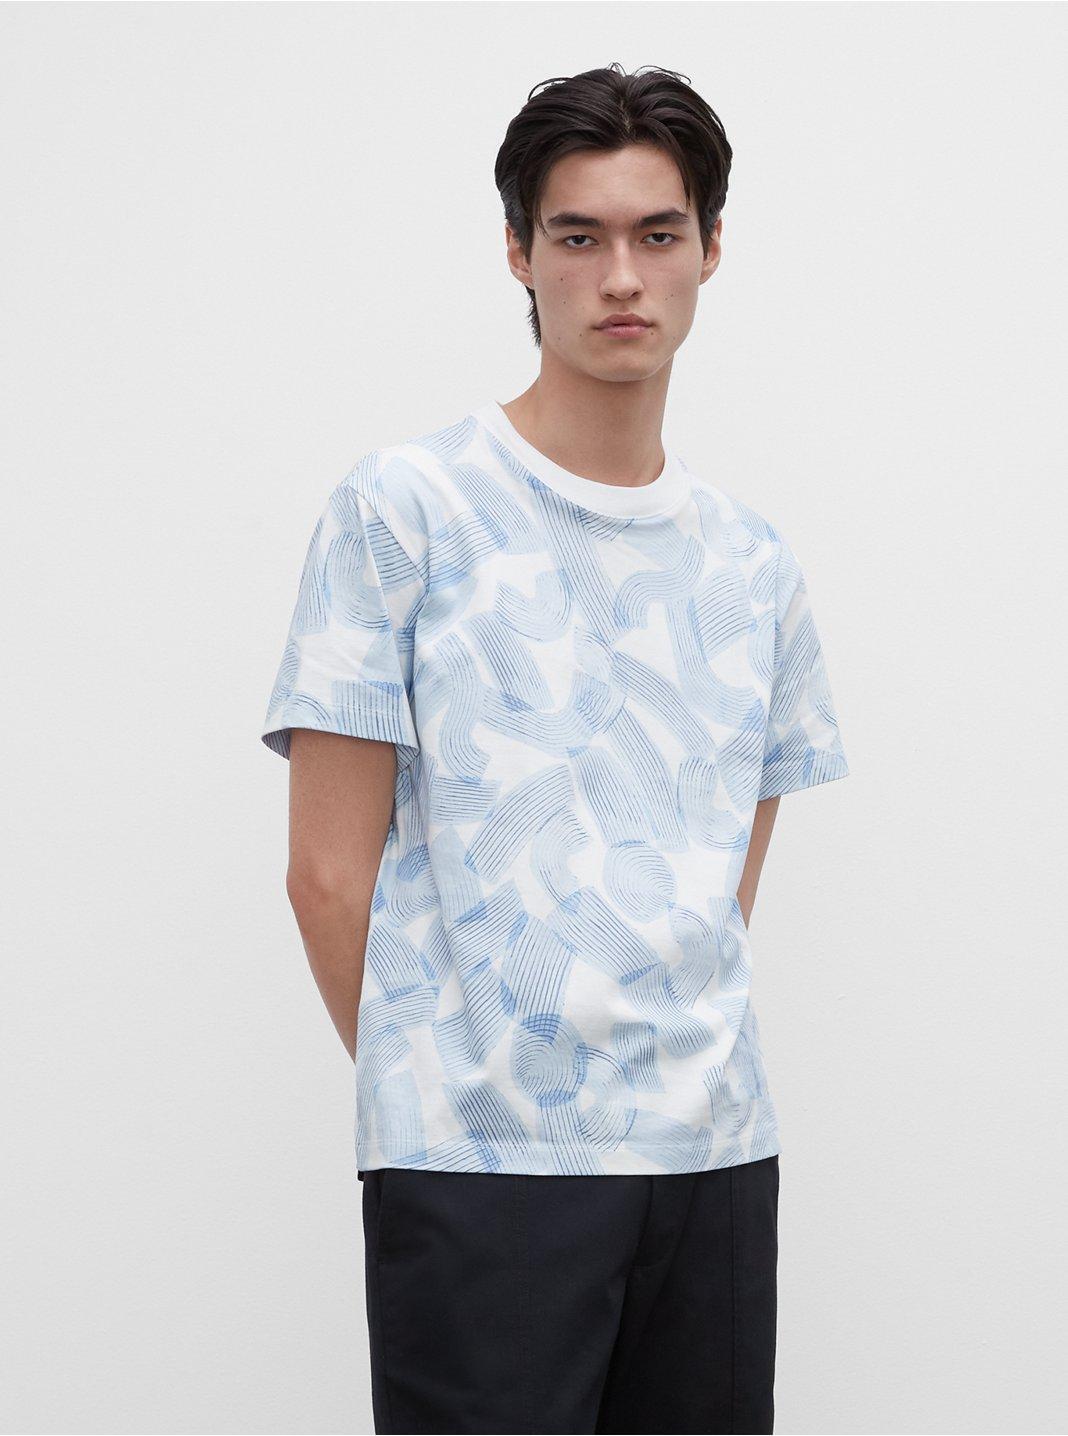 T-shirt coup de pinceau